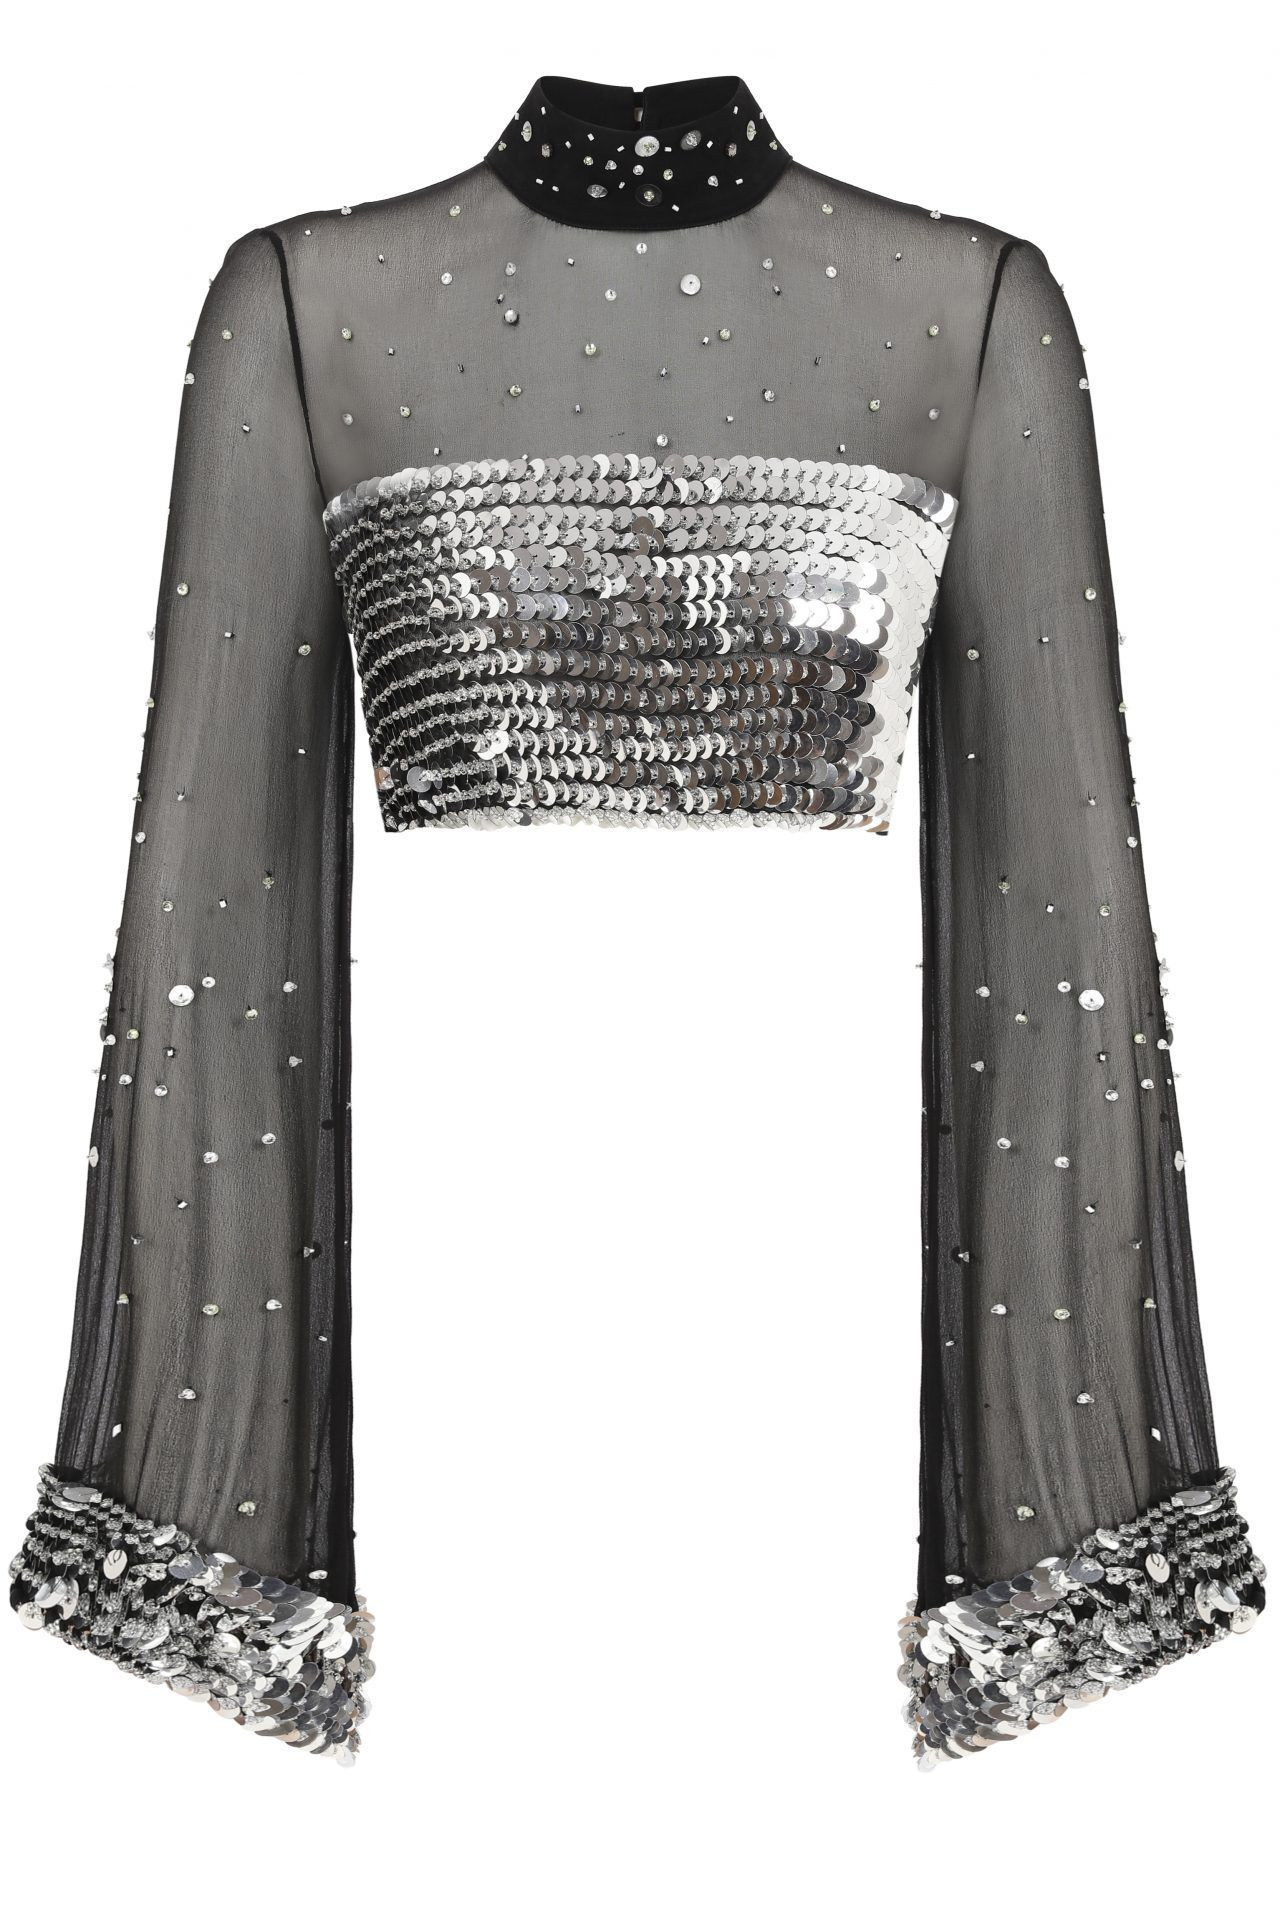 Imagen de Wanda Roa en Diseñadores De Moda   Blusas bonitas